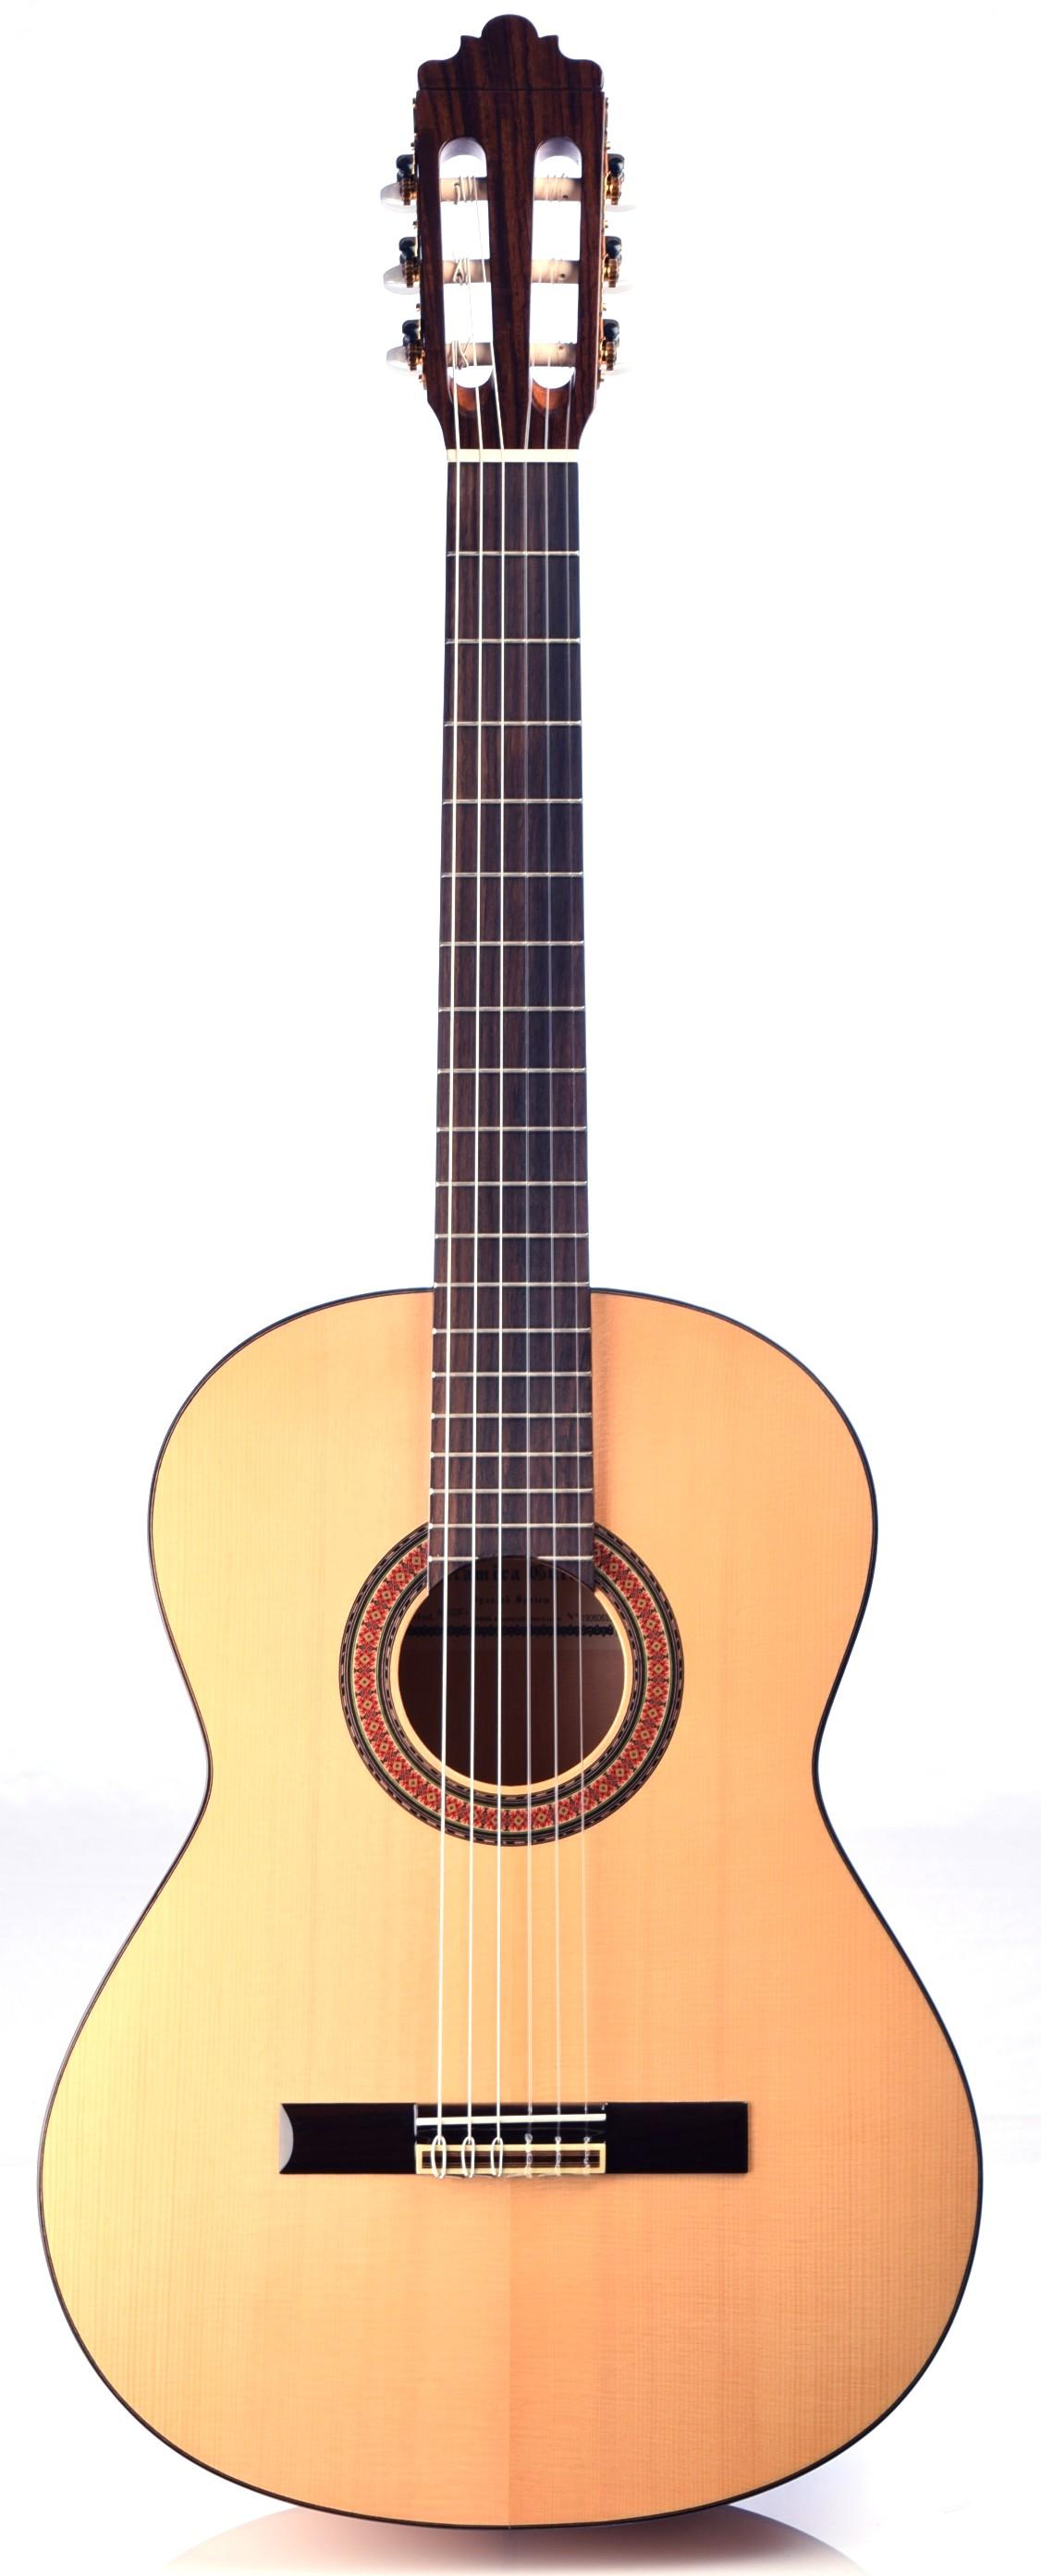 Guitares & Co - GUITARES CLASSIQUES - 4/4 - ALTAMIRA - AT030 - Royez Musik